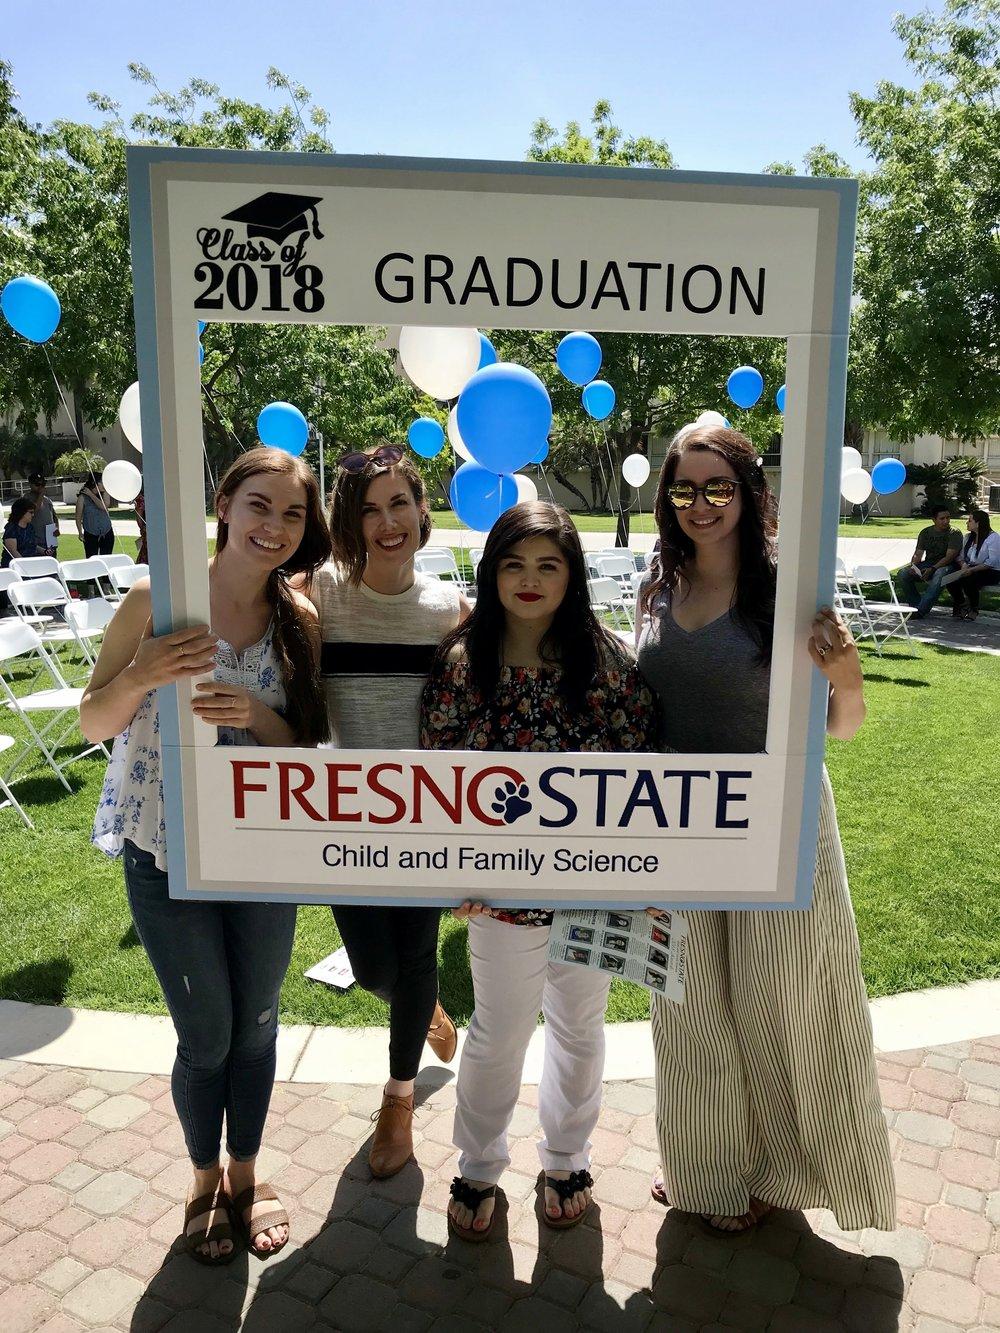 L-R: Cassandra Stewart, Dr. Jessica McKenzie, Cristina Landeros, &Rachel Castellón